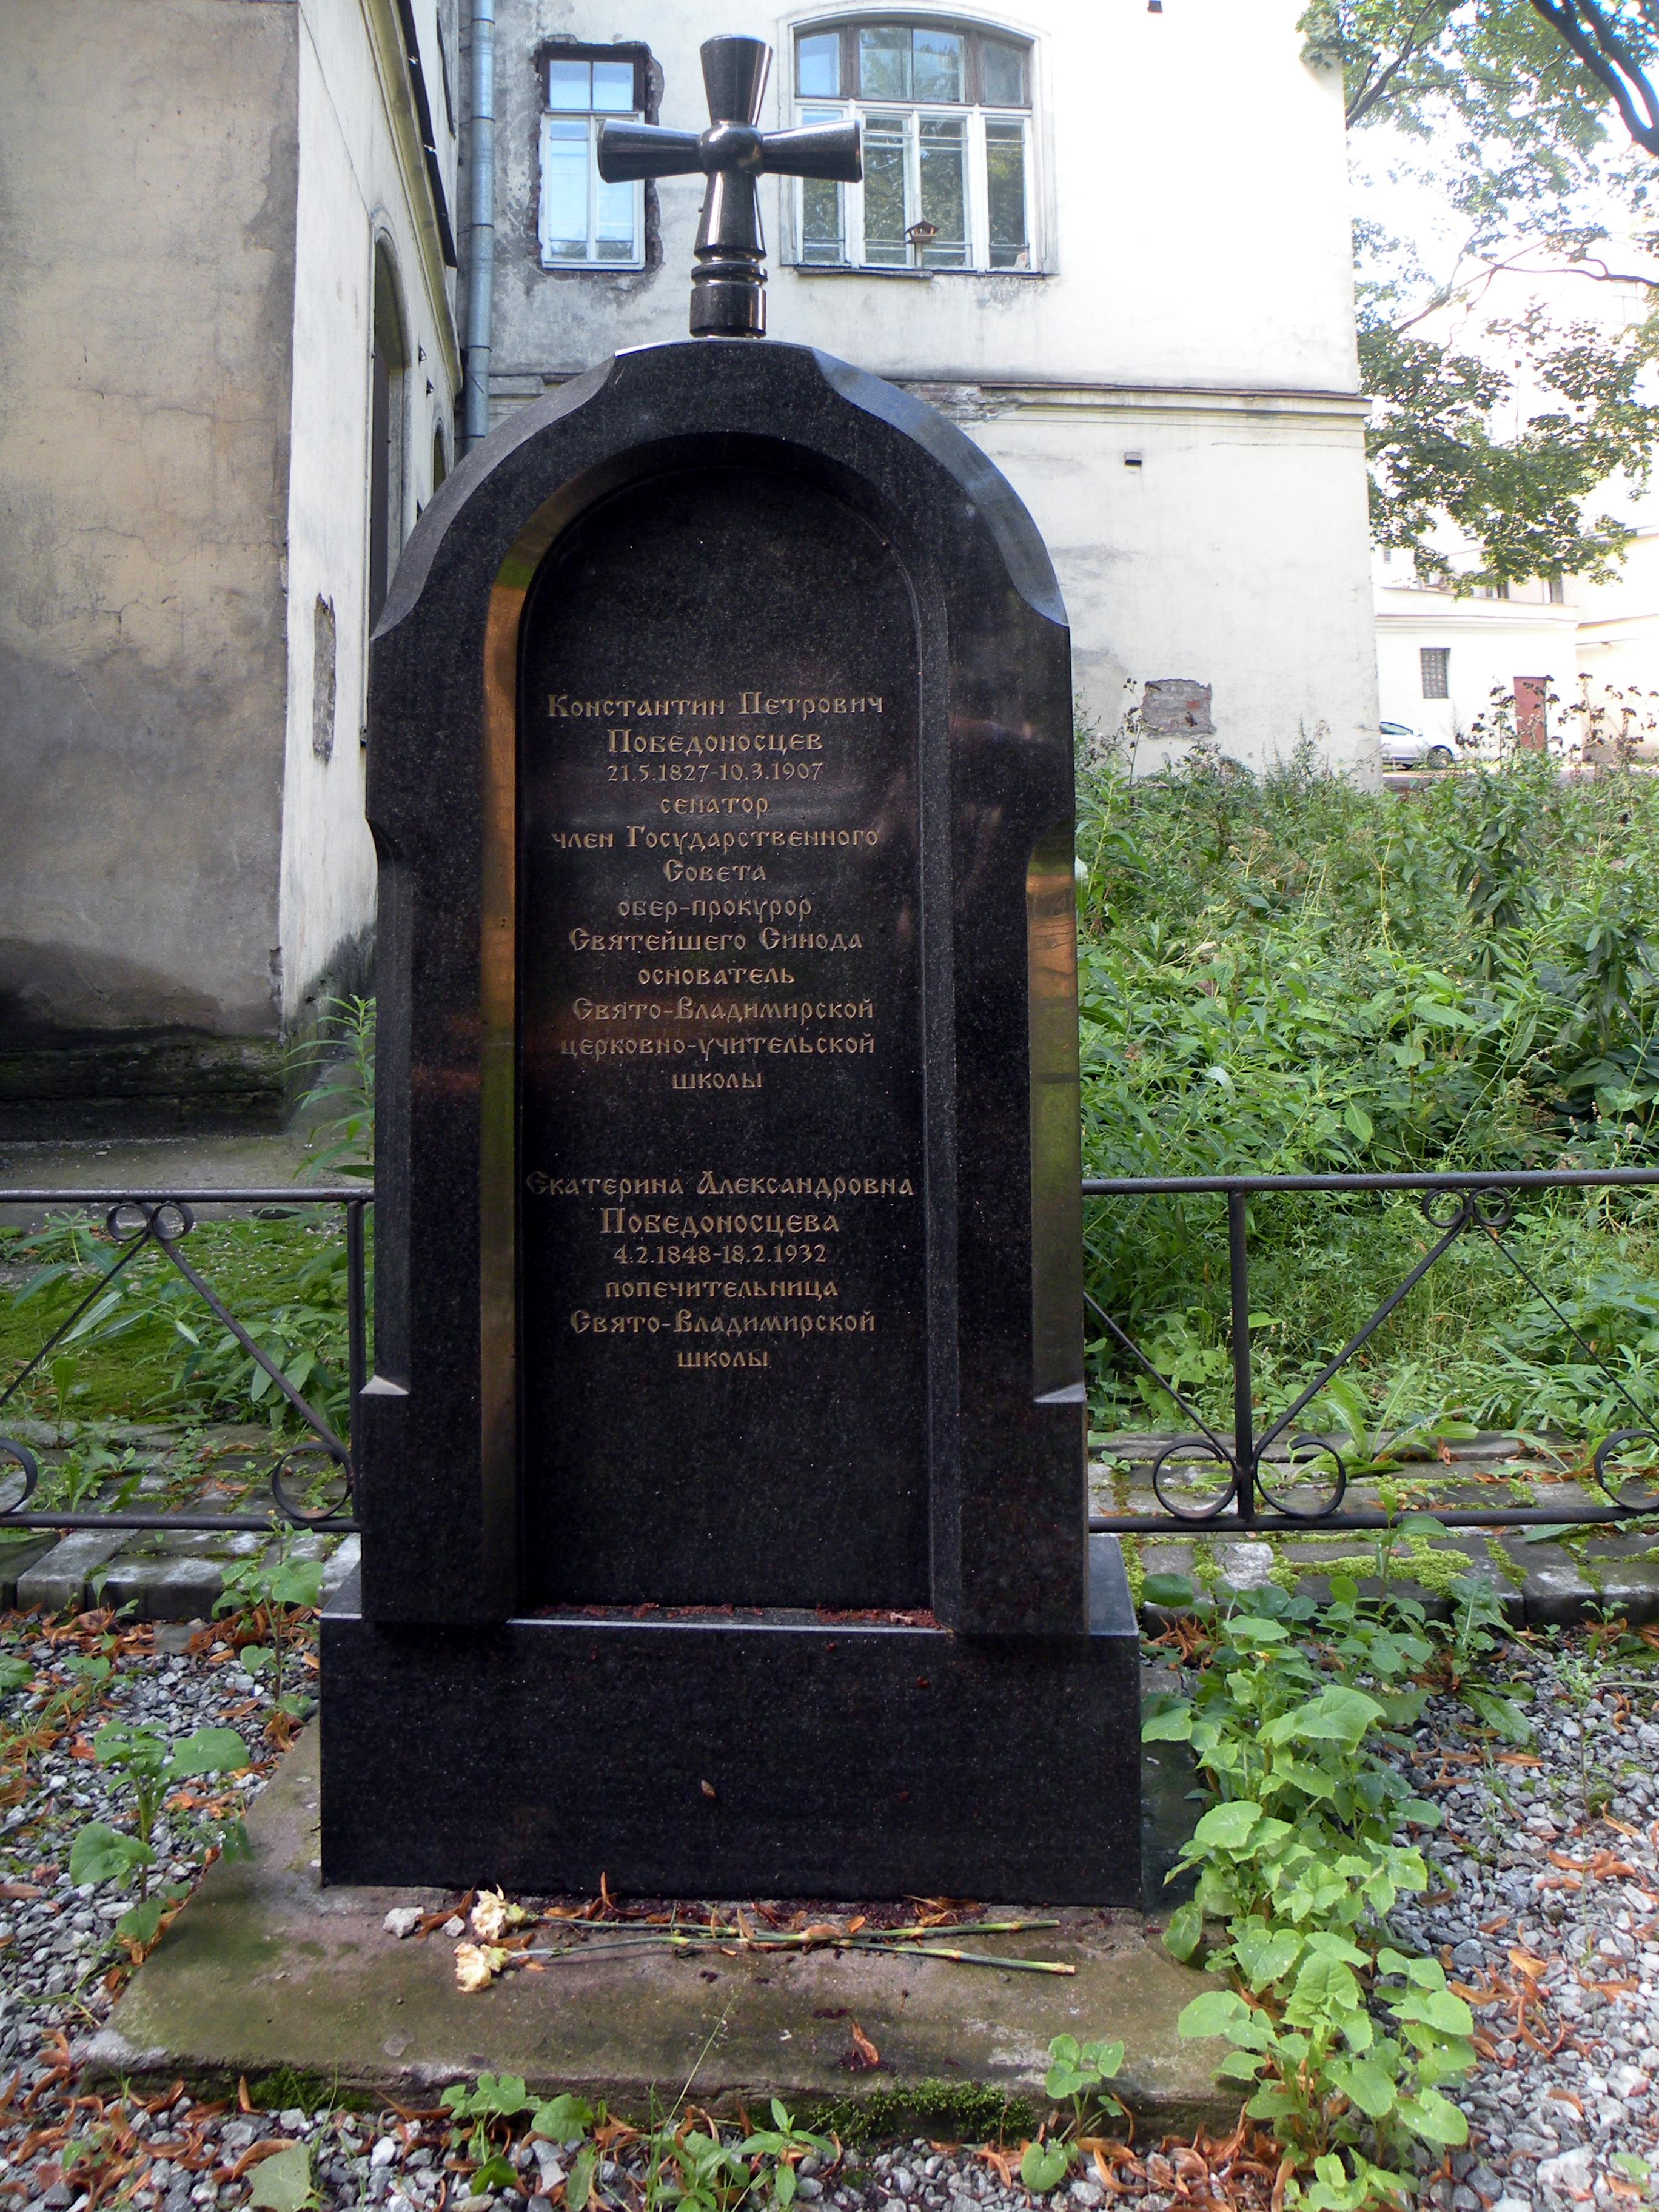 Надгробие в виде книги кафедры памятники на могилу недорого без предоплаты москва.обл